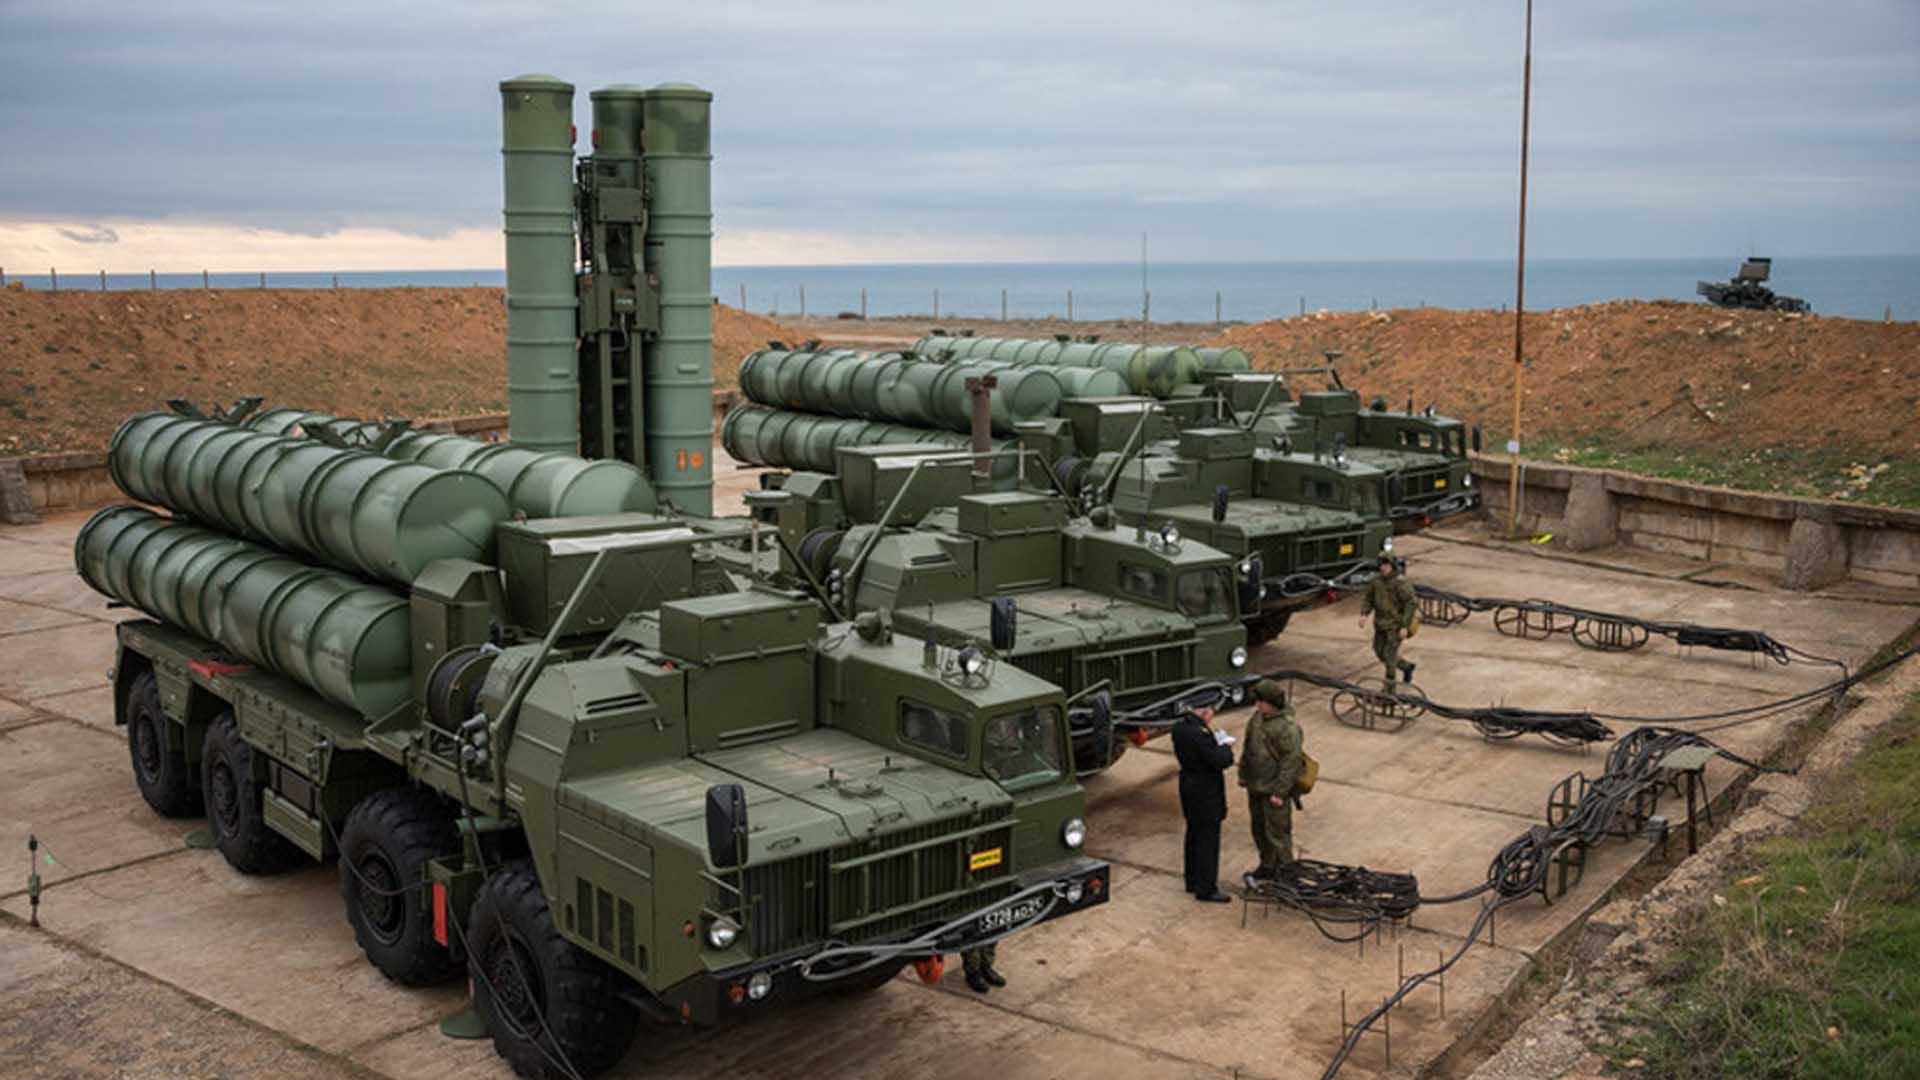 حرب منظومات الدفاع الجوي والجحيم القادم